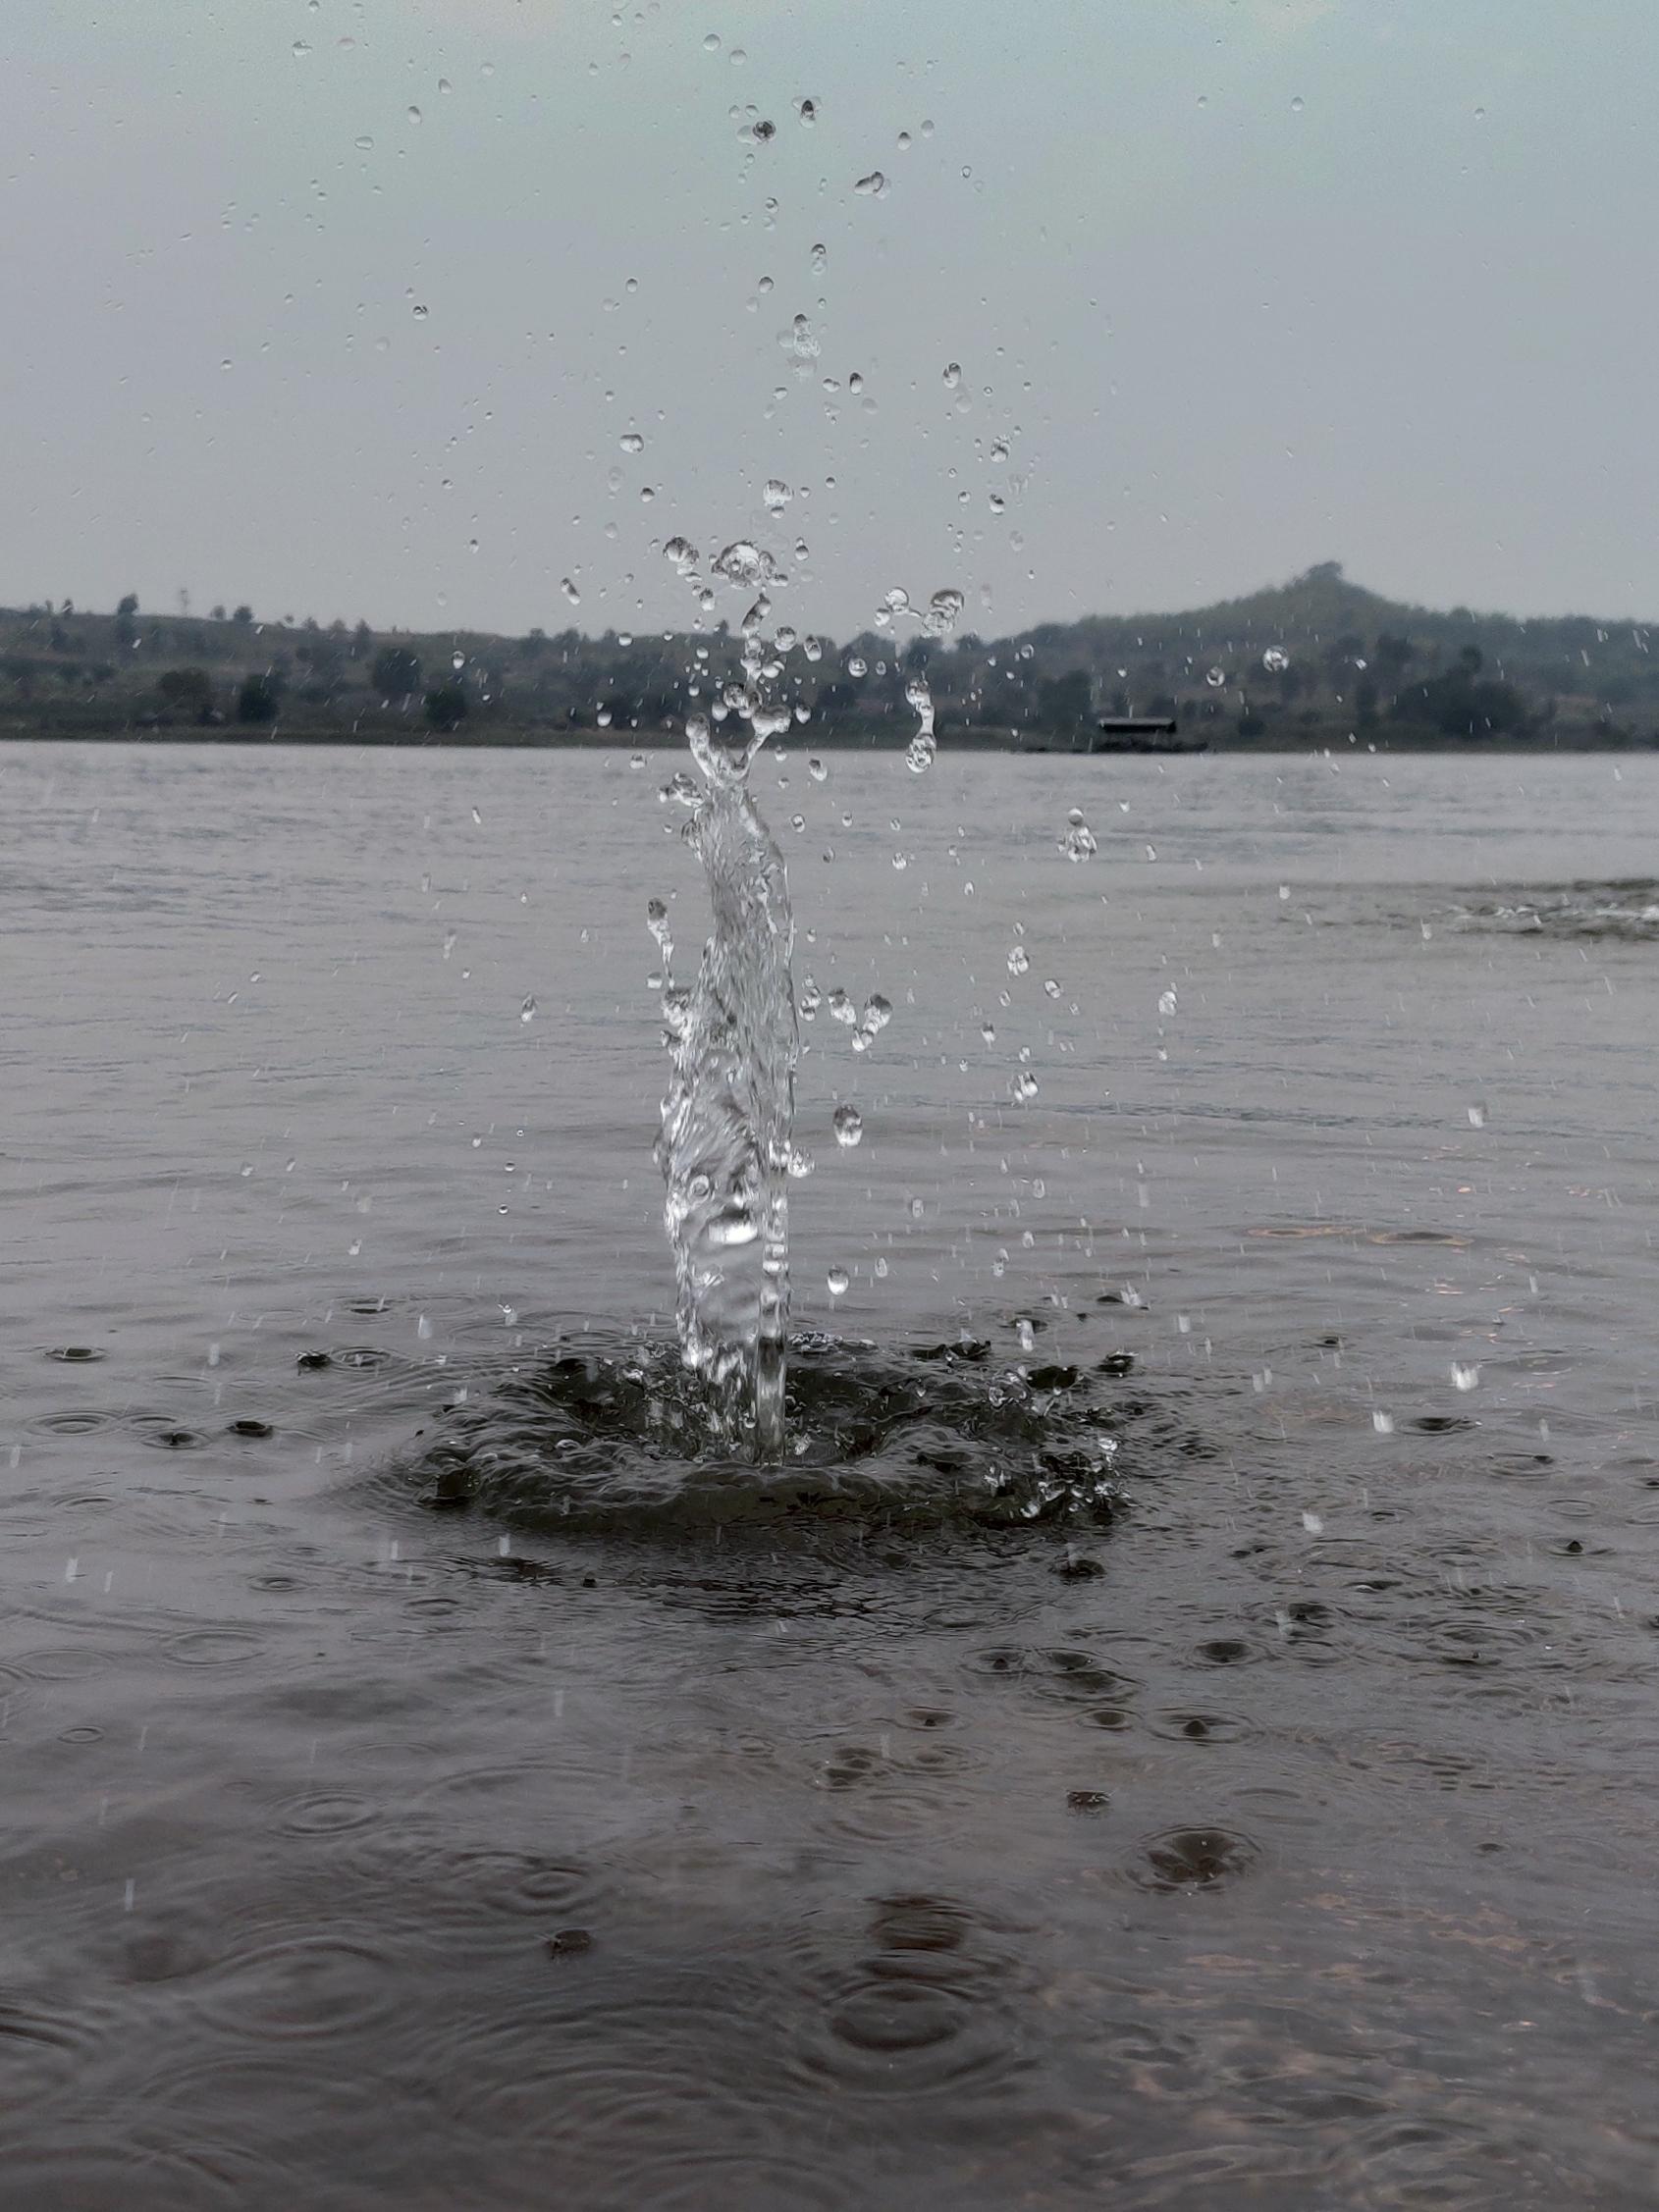 Water effect after an object fallen